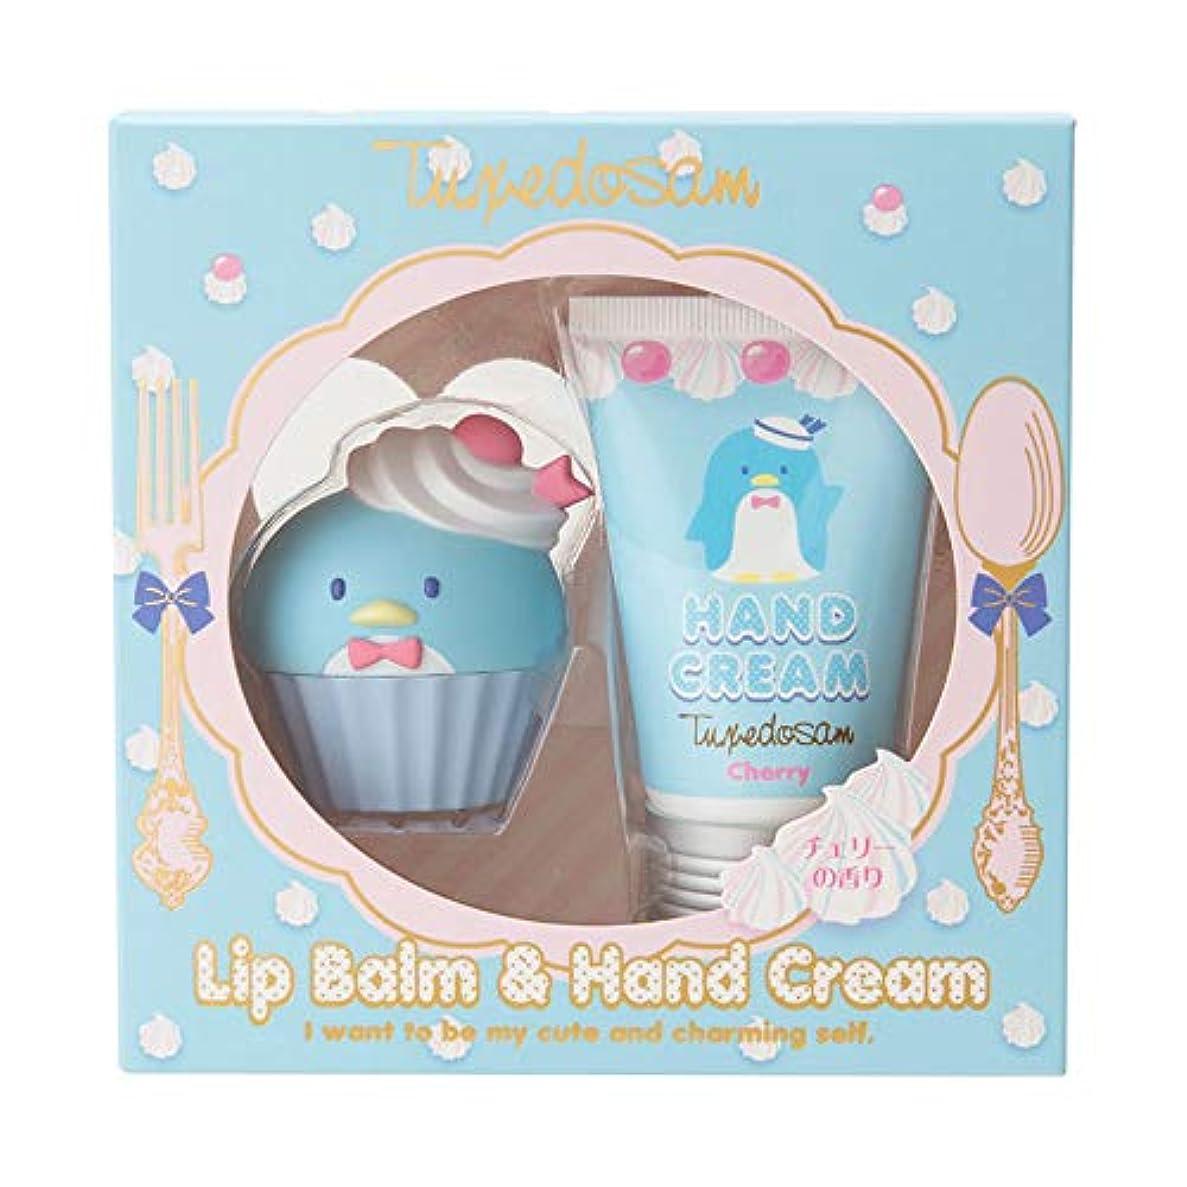 意外寛容な部屋を掃除するタキシードサム リップクリーム&ハンドクリームセット